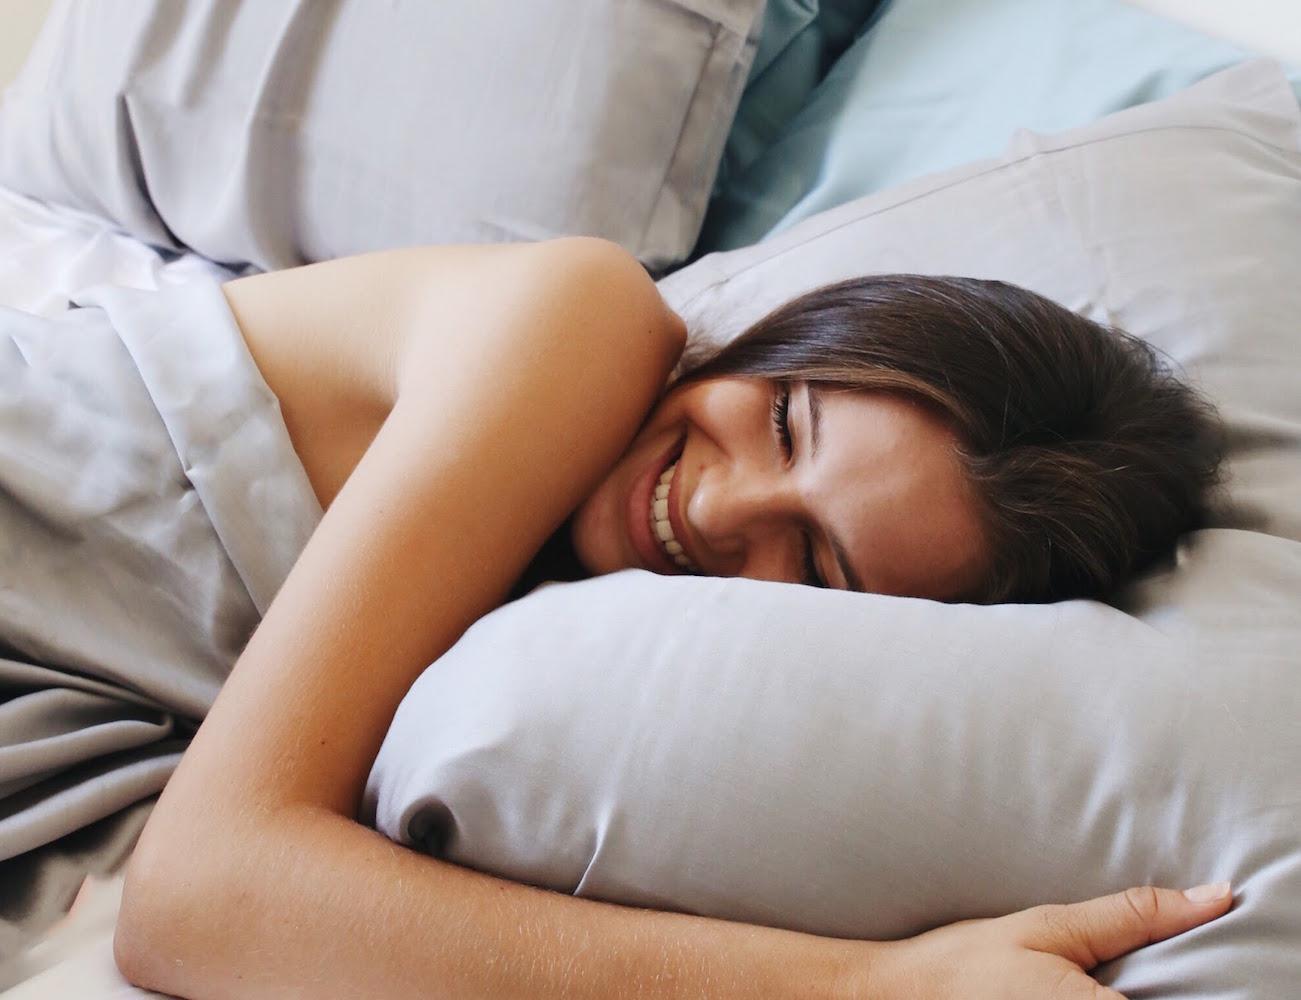 Трахнул красивую сестру пока она спала, У брата и сестры одна комната на двоих - видео ролик 18 фотография